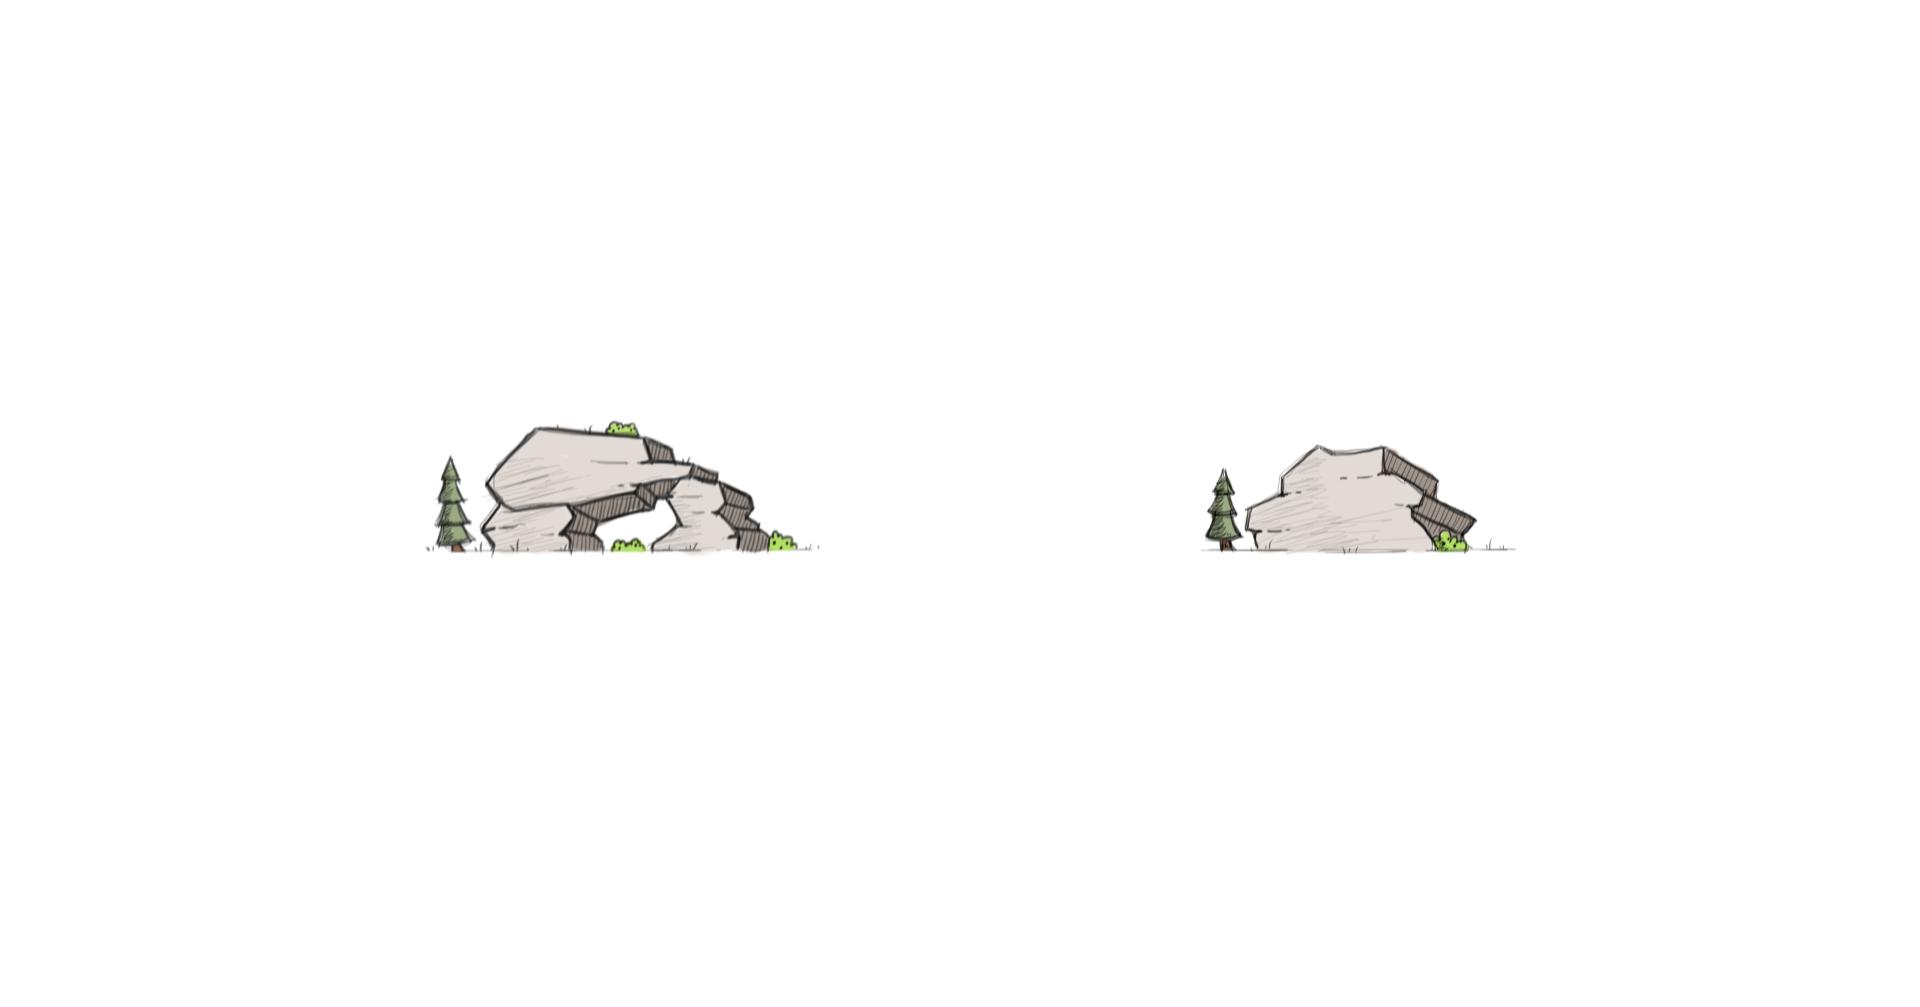 Illustration - Rocks